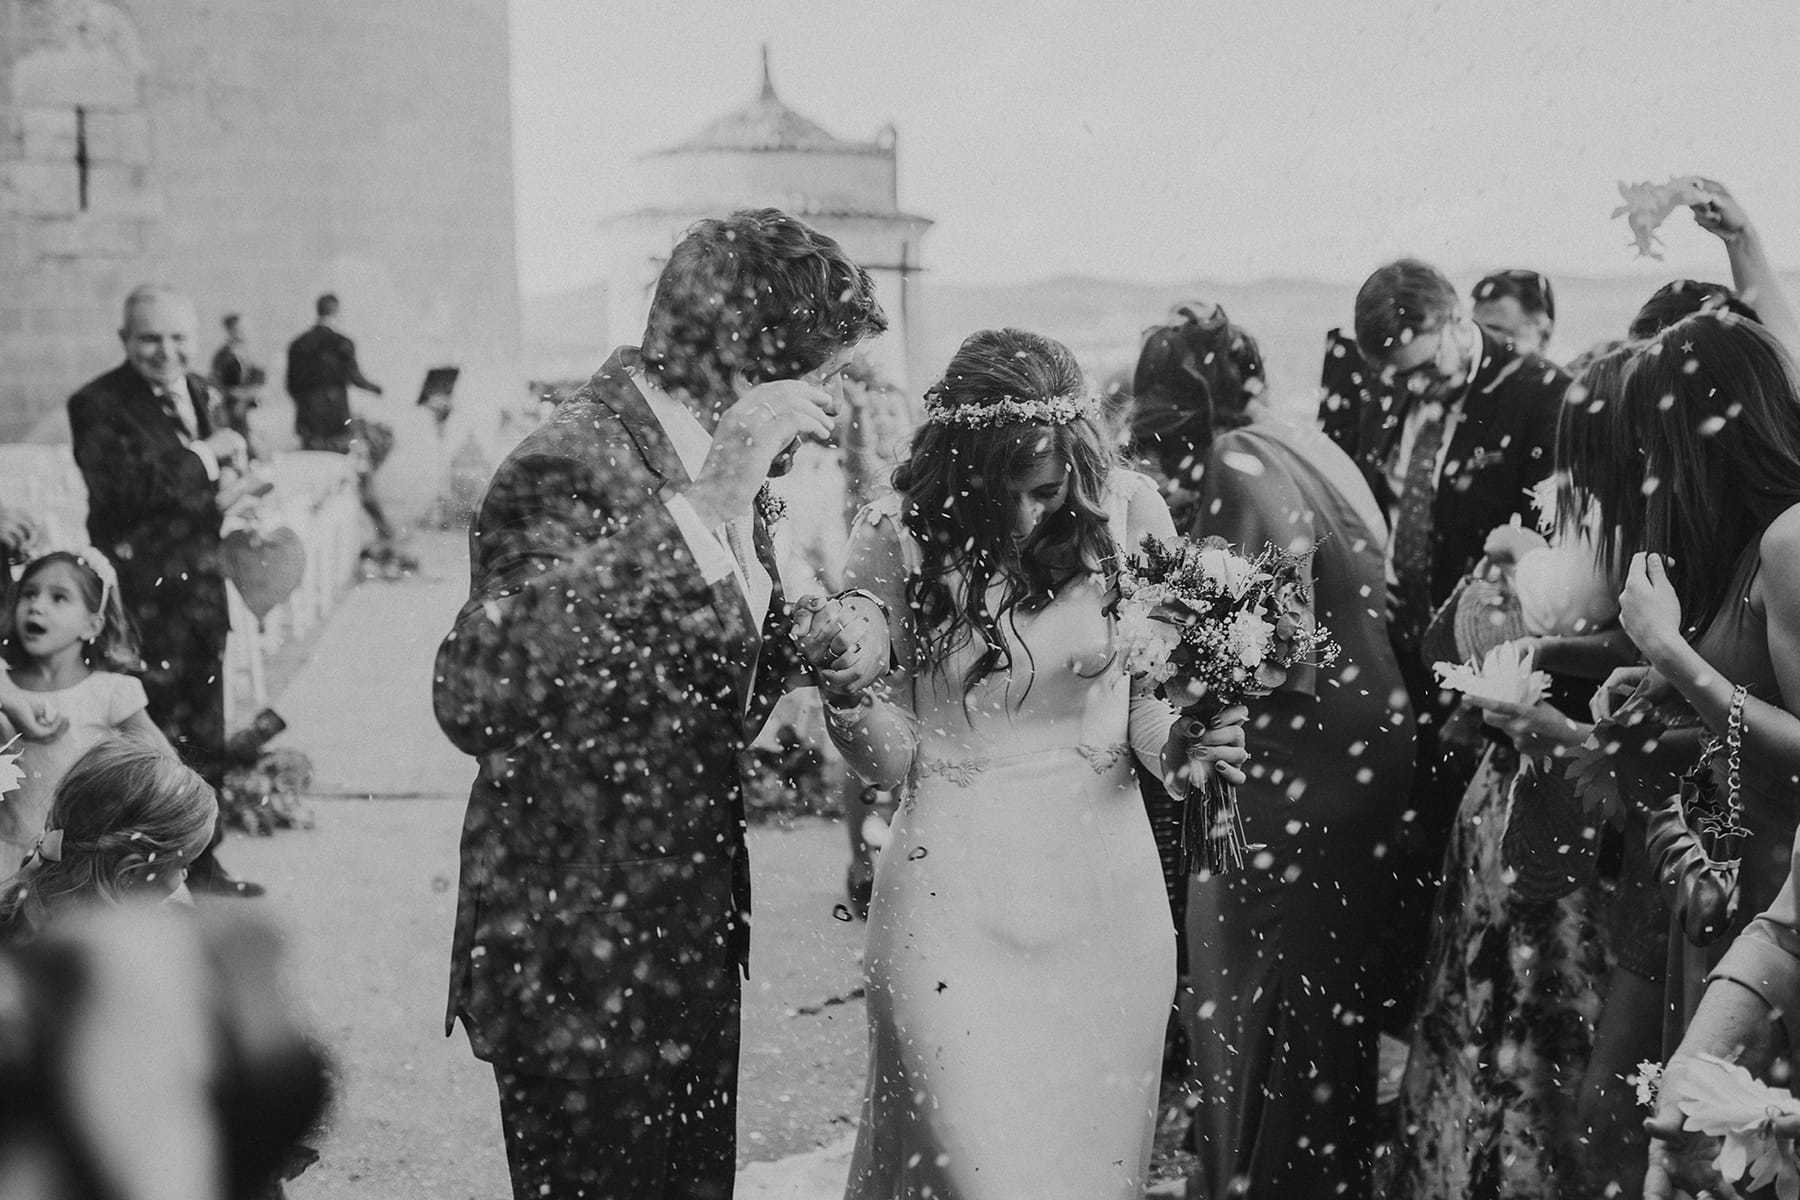 Invitados tirando arroz a la pareja de recién casados